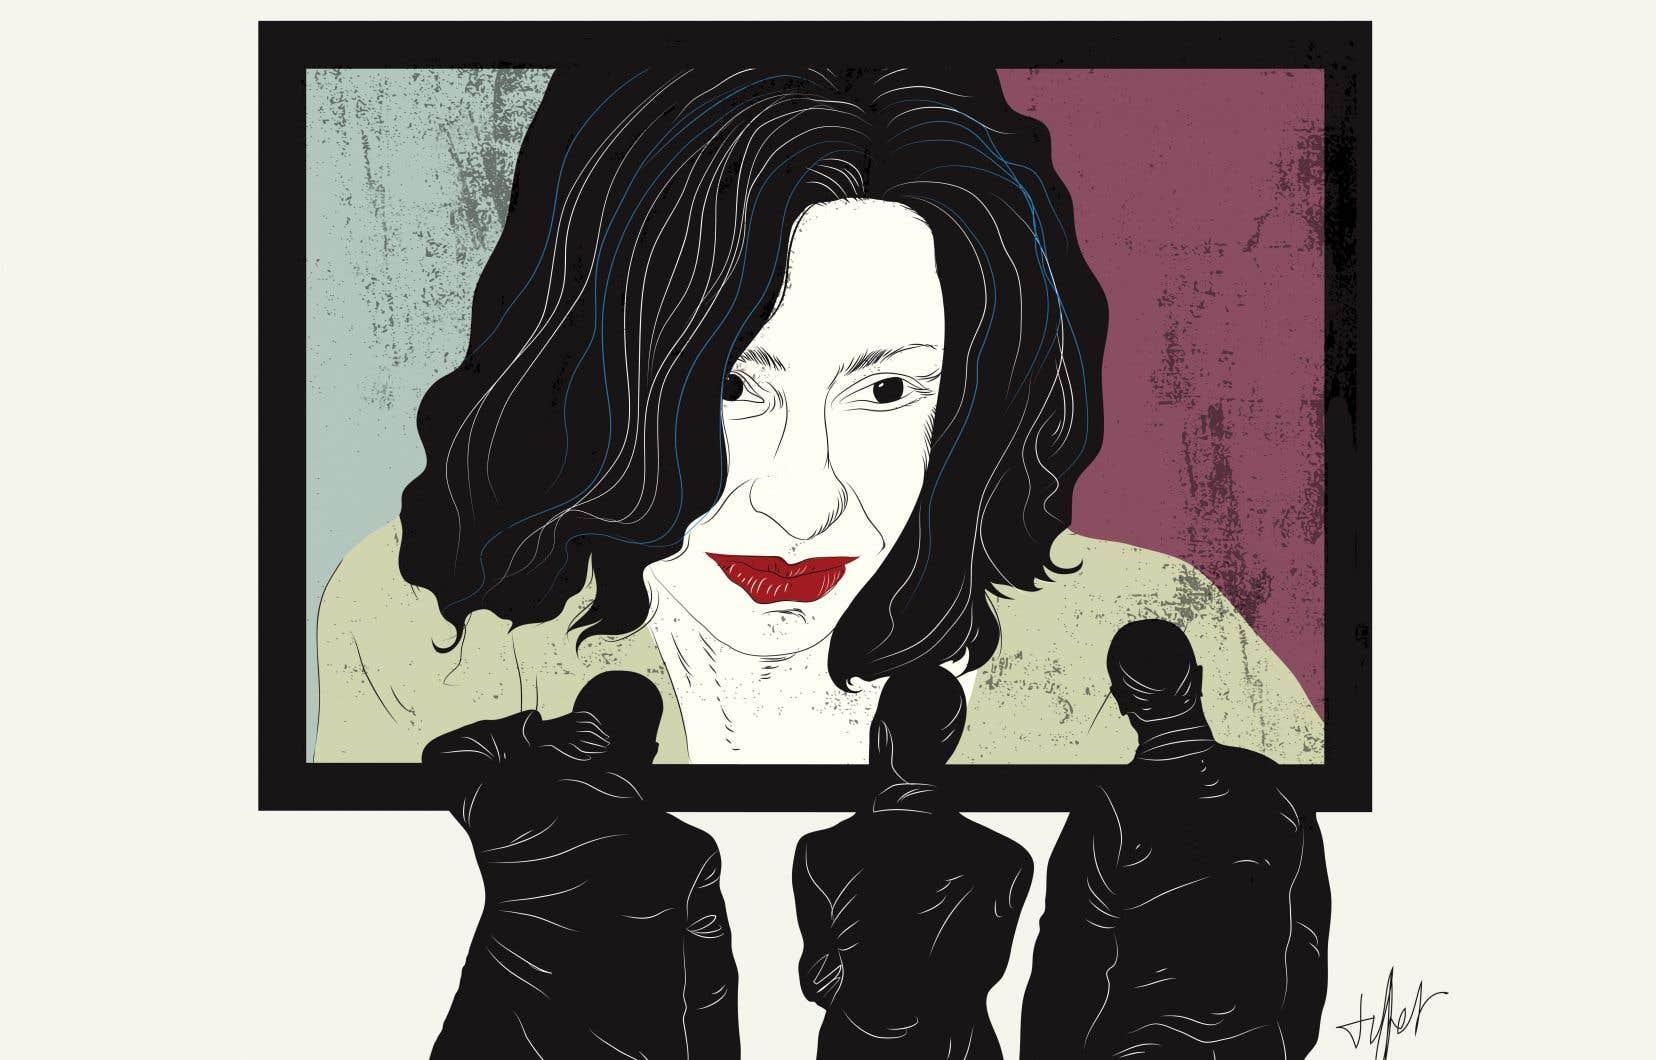 Le succès de Yasmina Reza ne se dément pas. Ses pièces, traduites en plus de 30 langues, mises en scène dans plus de 50 pays et couronnées par de nombreux prix prestigieux, en font, selon la professeure Salah El Gharbi, «l'auteur français contemporain le plus joué dans le monde».